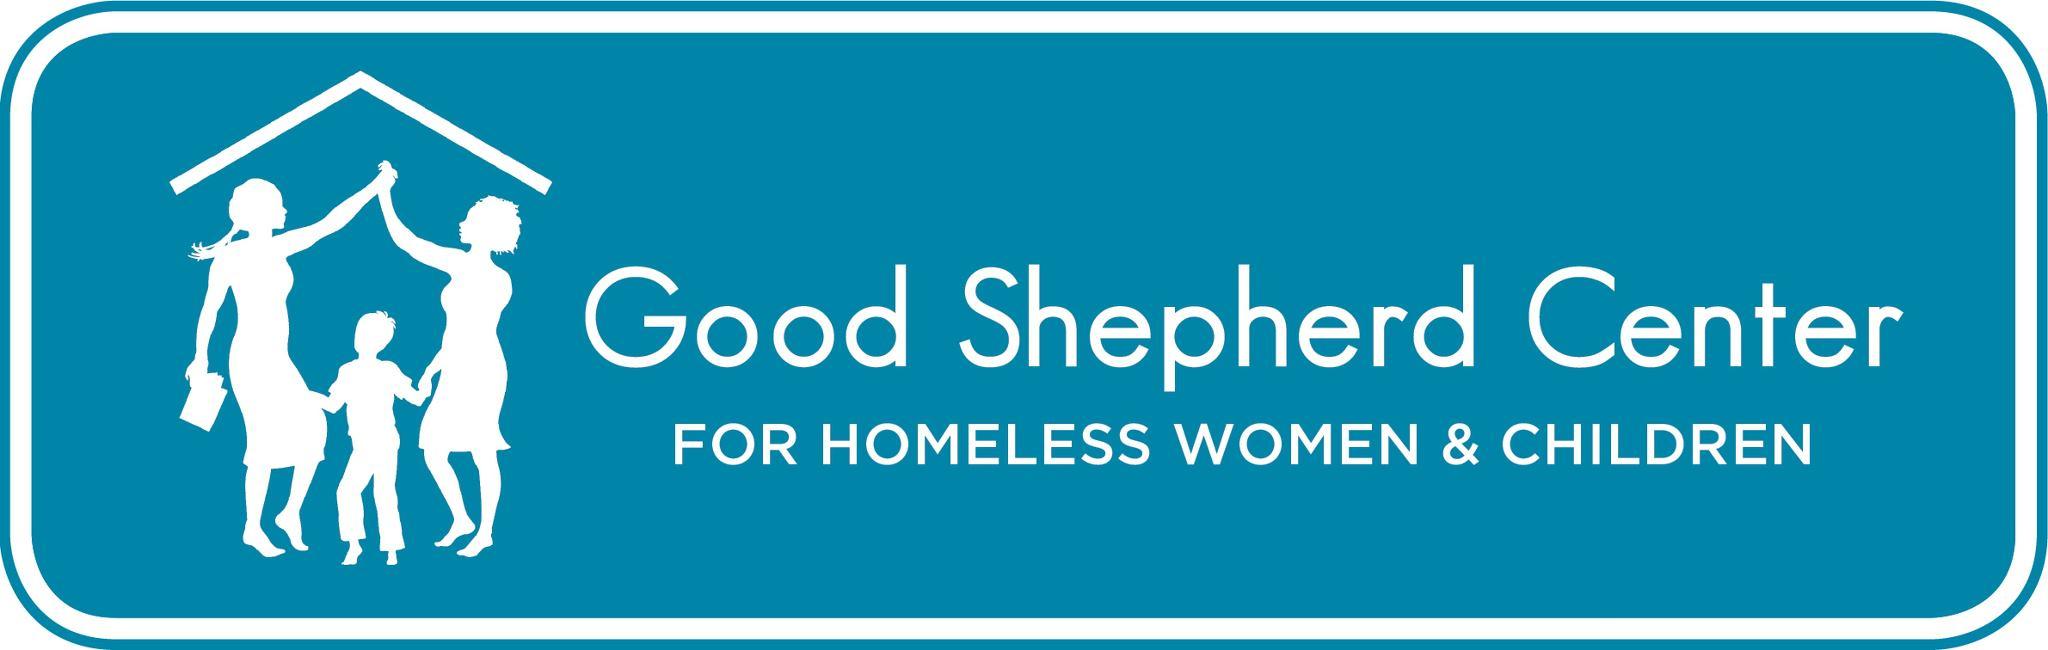 Good Shepherd Center for Homeless Women